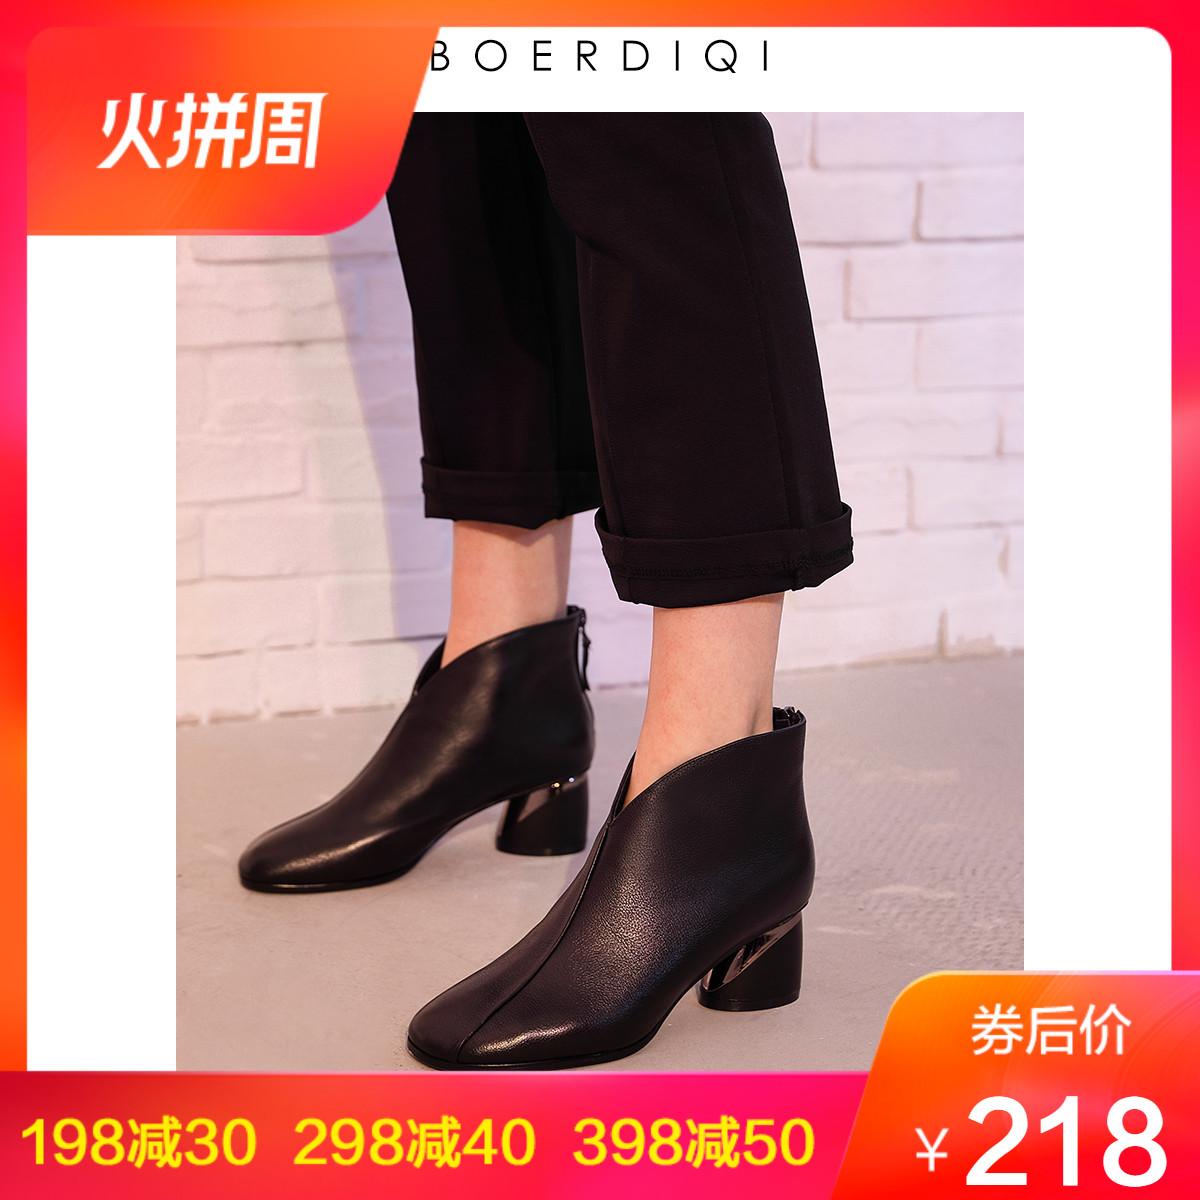 波尔谛奇真皮加绒短靴女2018冬季新款高跟马丁靴纯色及裸靴68123